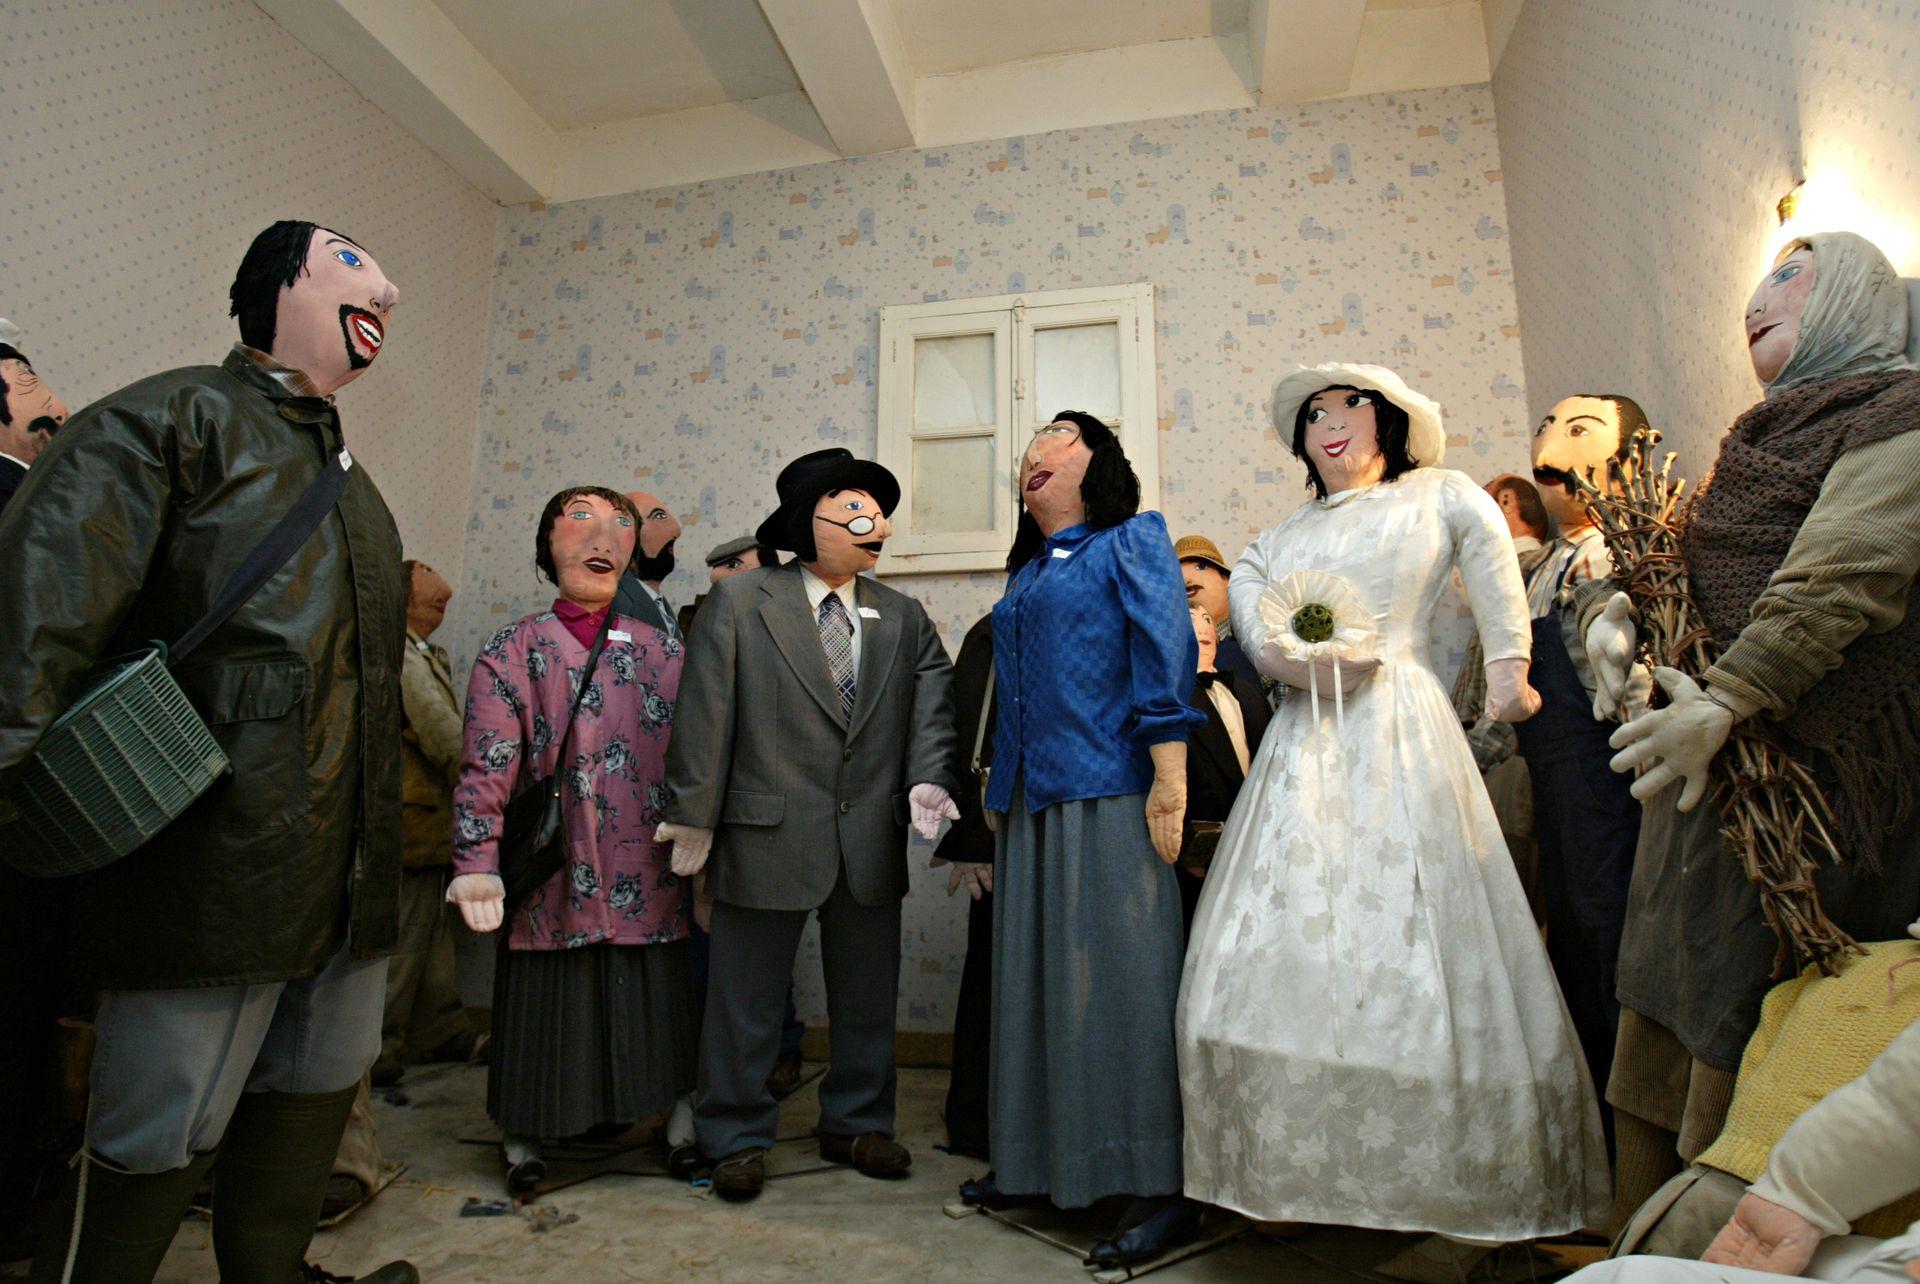 Petetas de Murviel Lès Béziers - Poupées de chiffon à taille humaine représentant des convives d'un mariage autour de la mariée